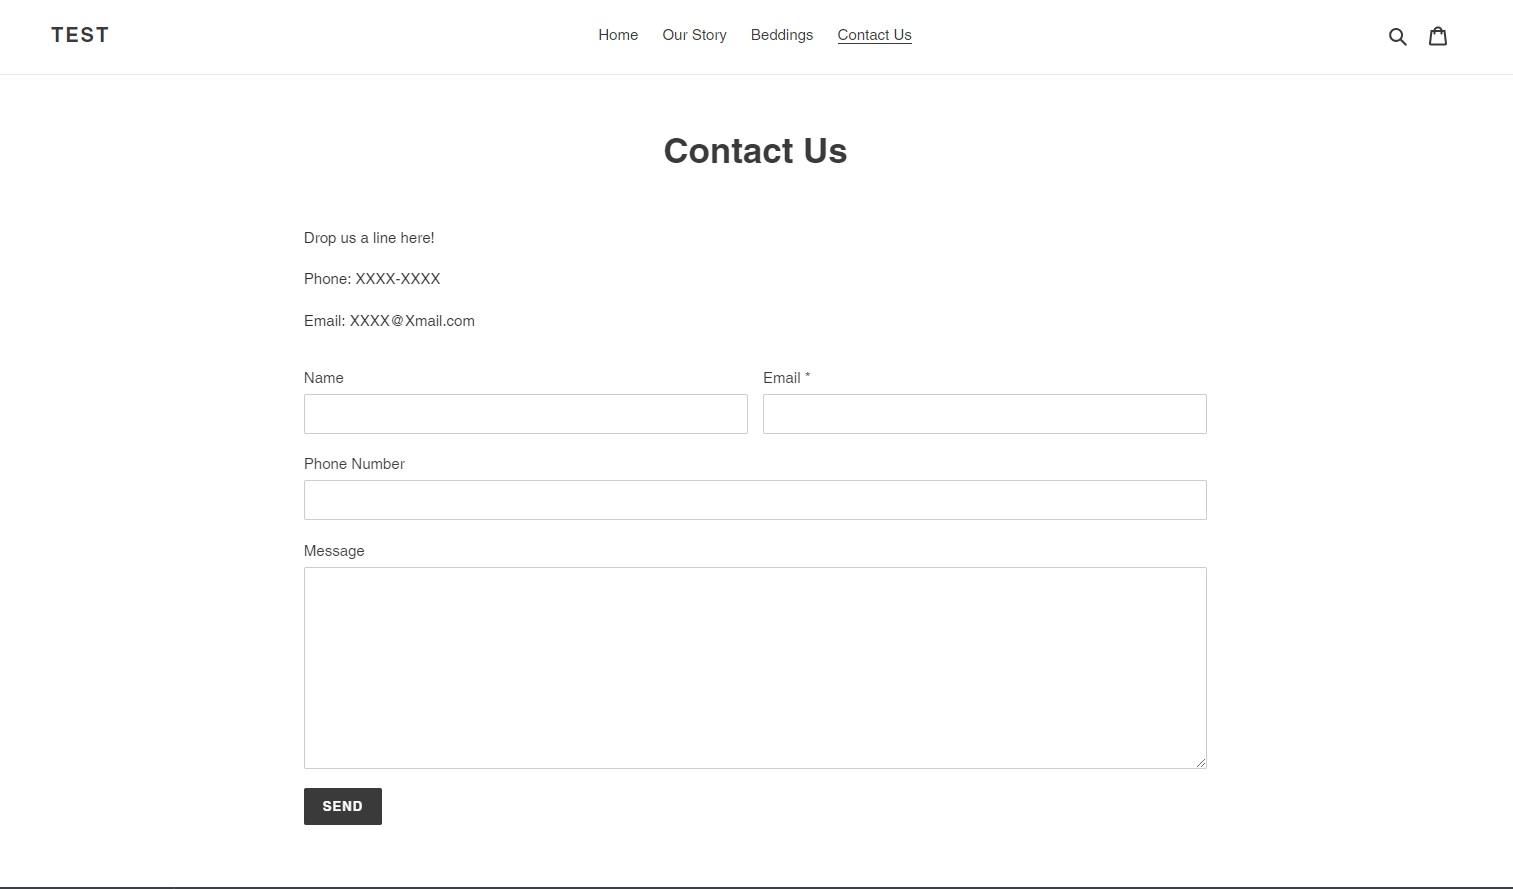 附上了可供客人填寫自己資料和訊息的地方